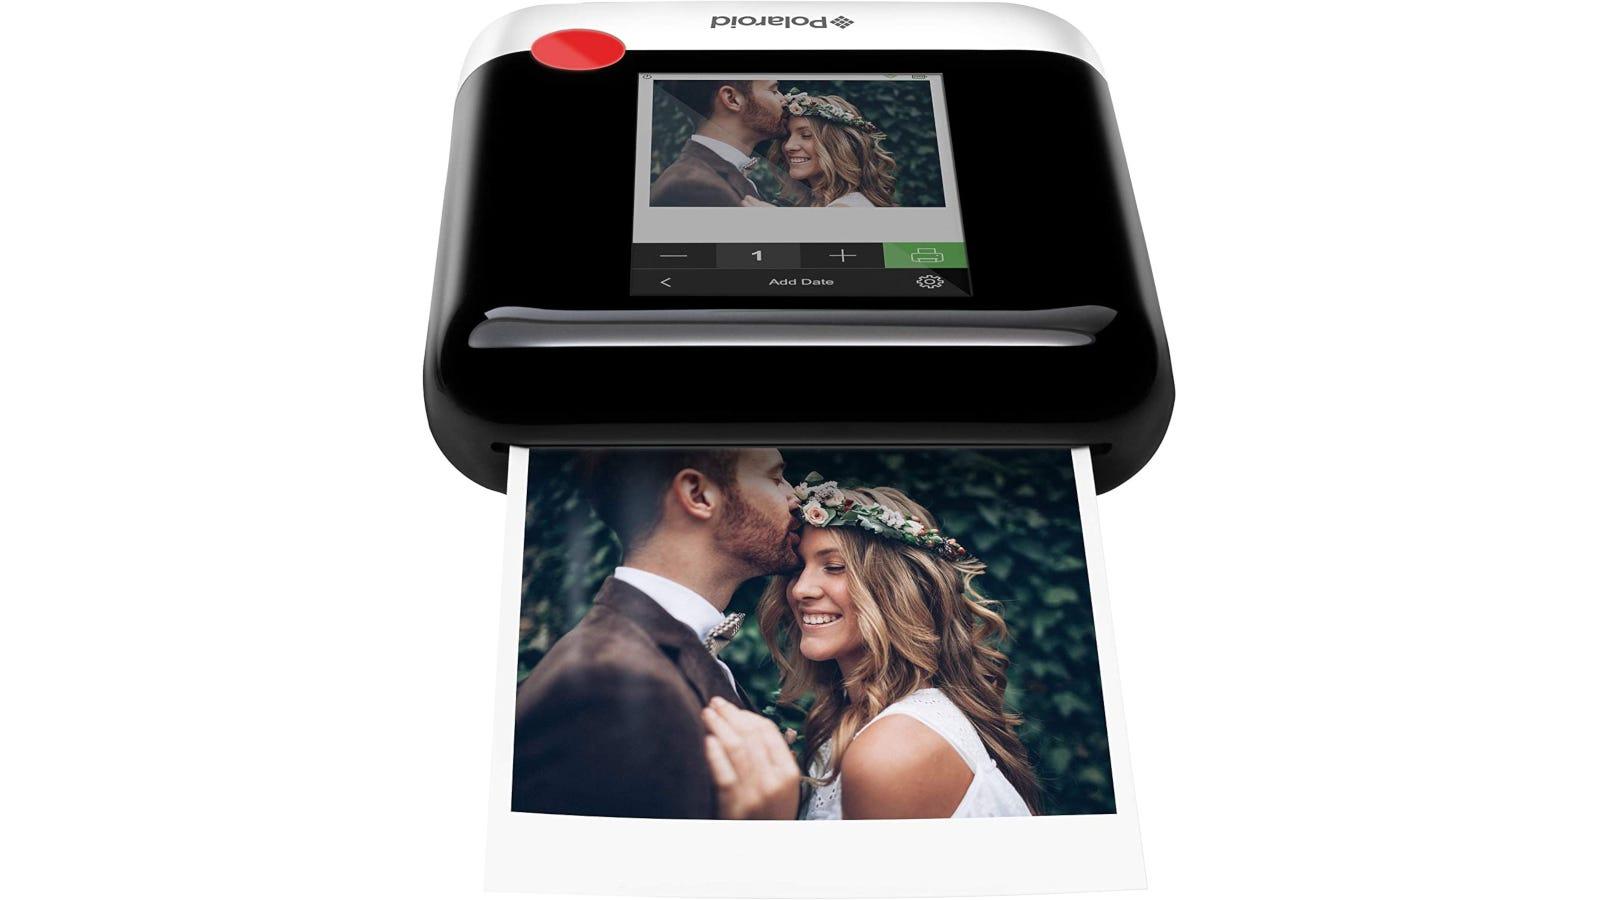 Mini Wi-Fi photo printer for 3x4-inch vintage Polaroid-style prints